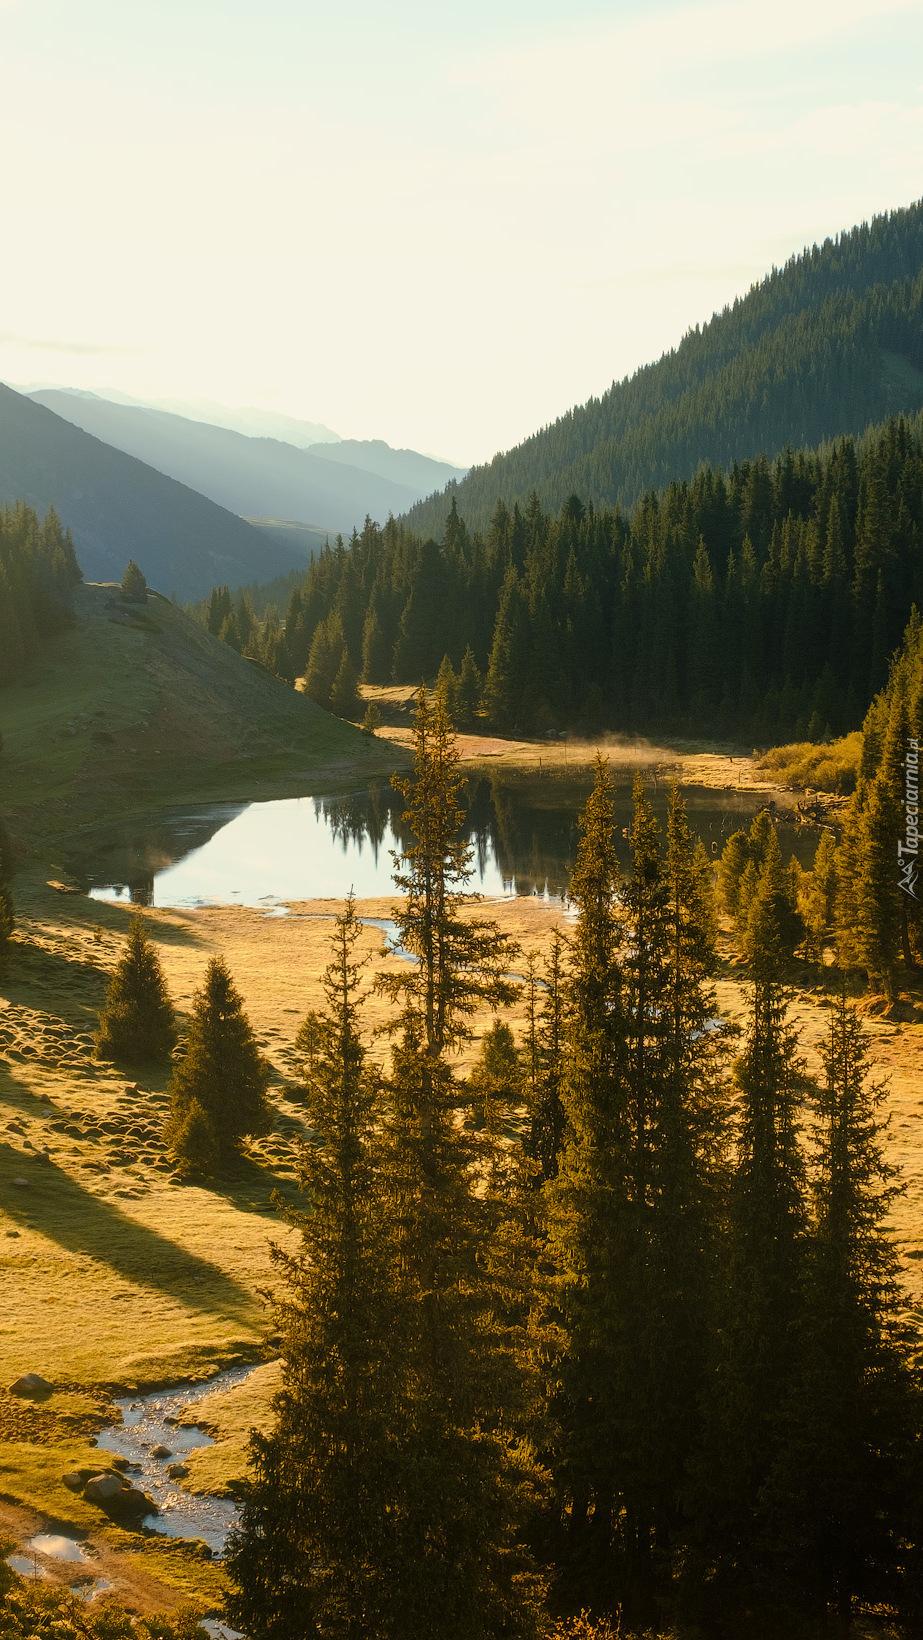 Góry i świerki nad jeziorkiem